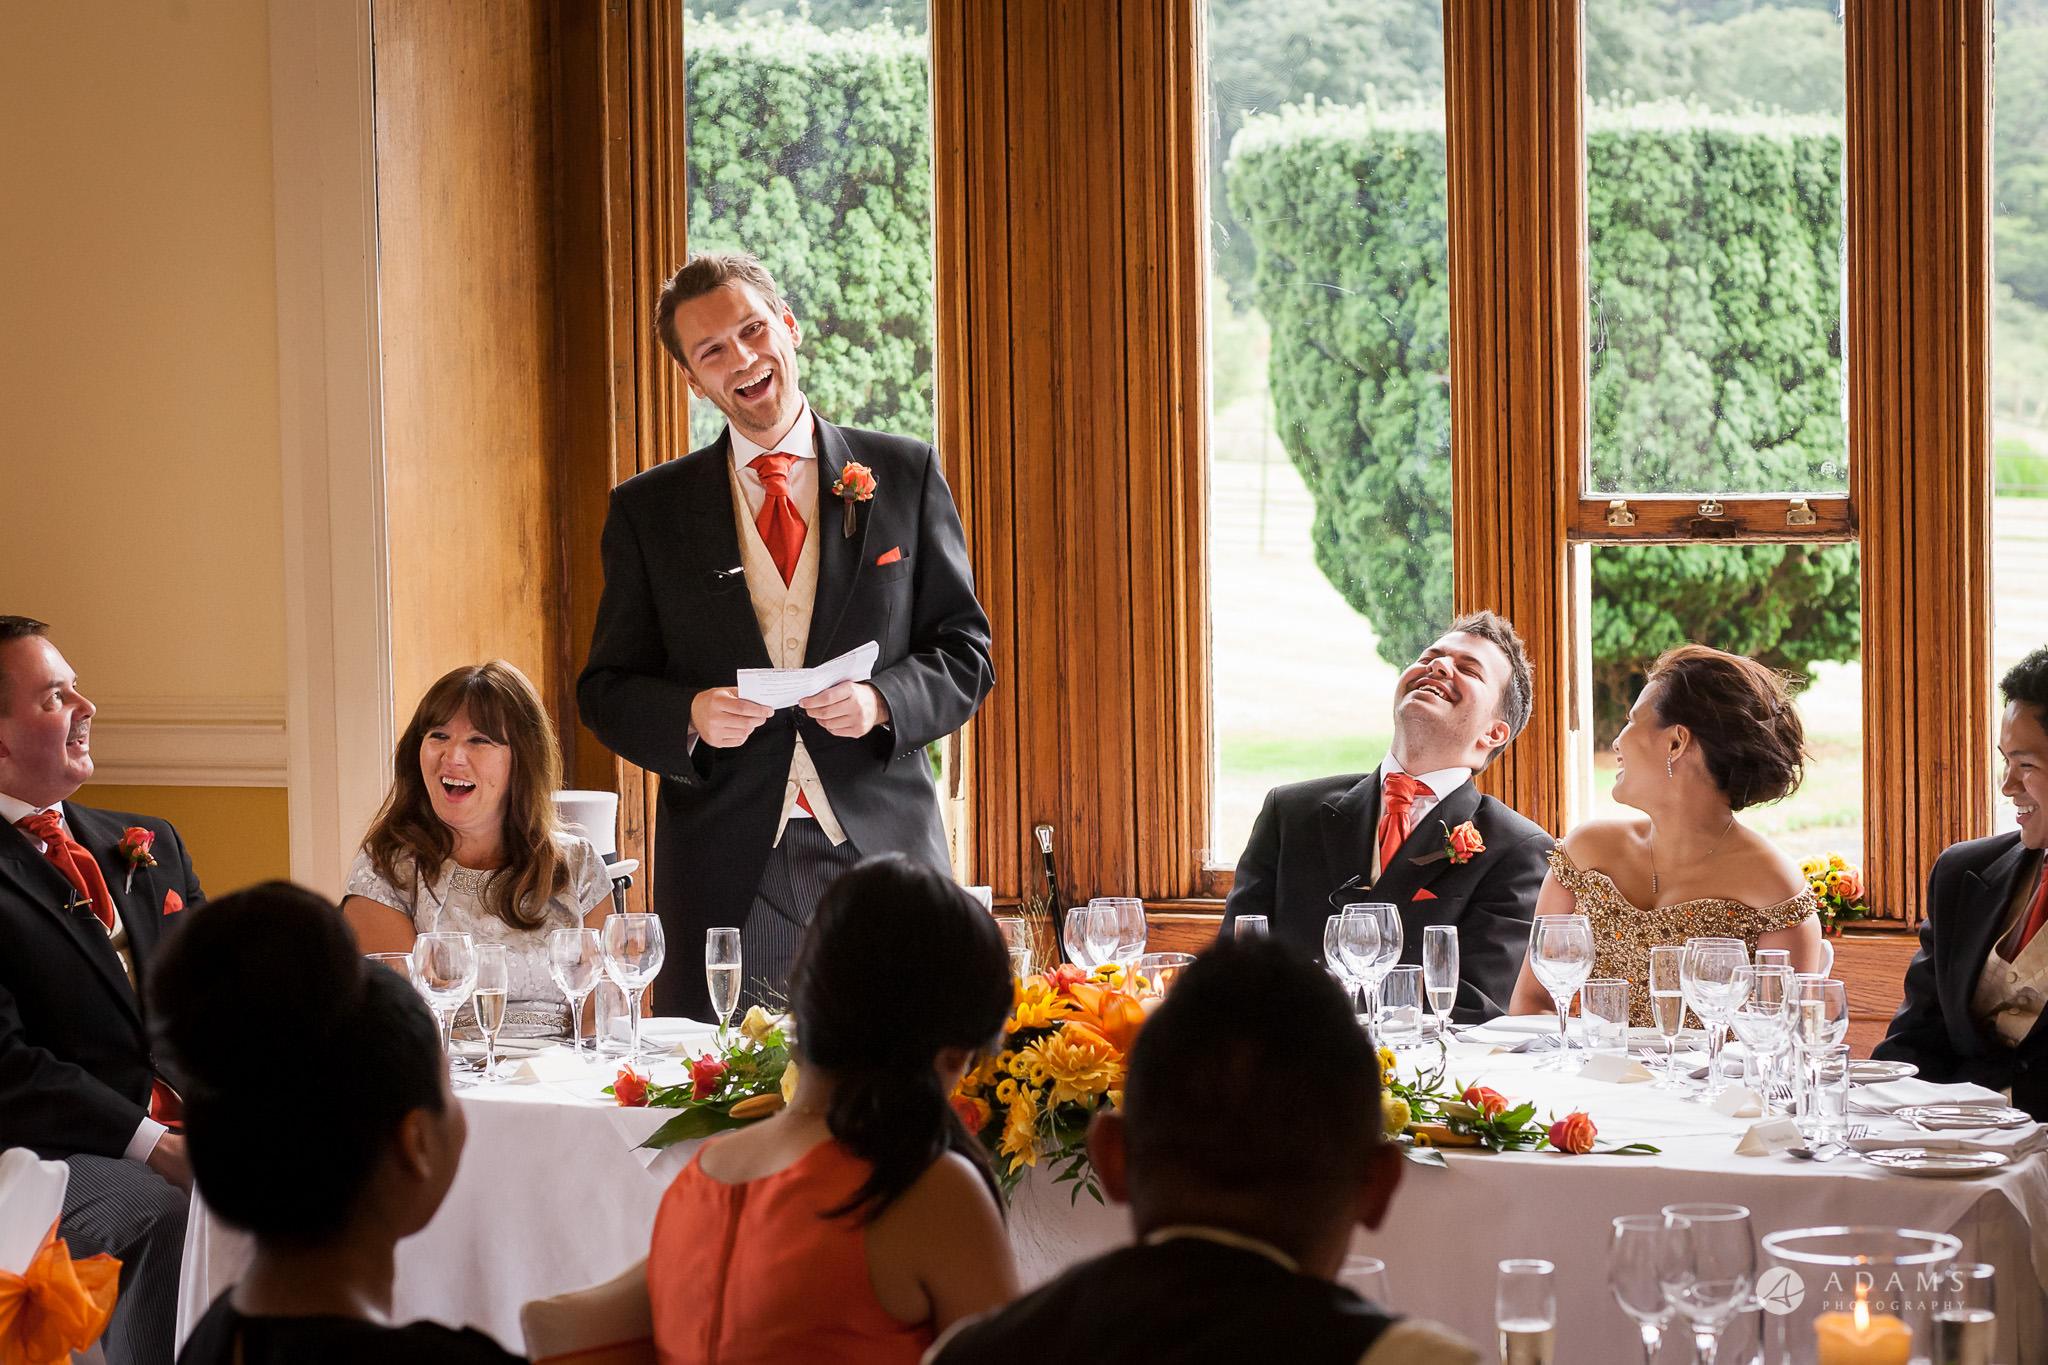 St Audries Park wedding best man speech